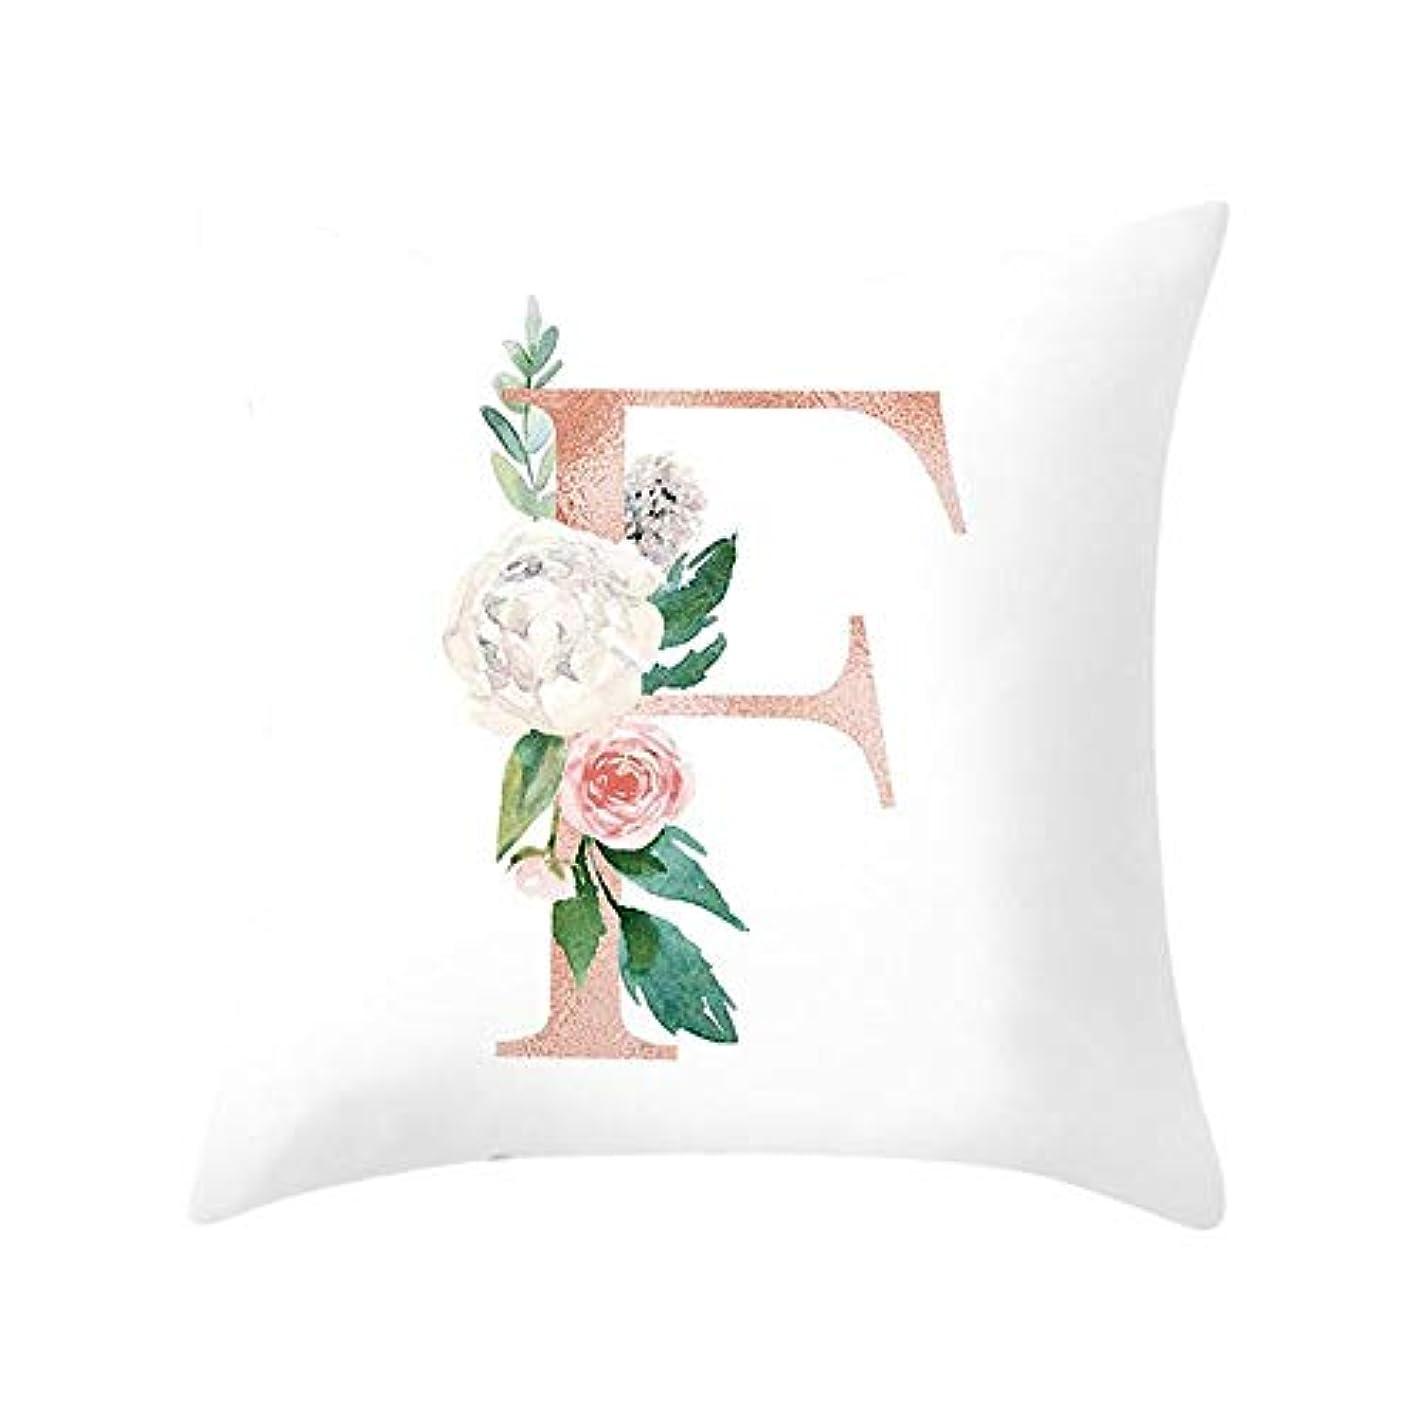 植物学者滑り台ヘルパーLIFE 装飾クッションソファ手紙枕アルファベットクッション印刷ソファ家の装飾の花枕 coussin decoratif クッション 椅子